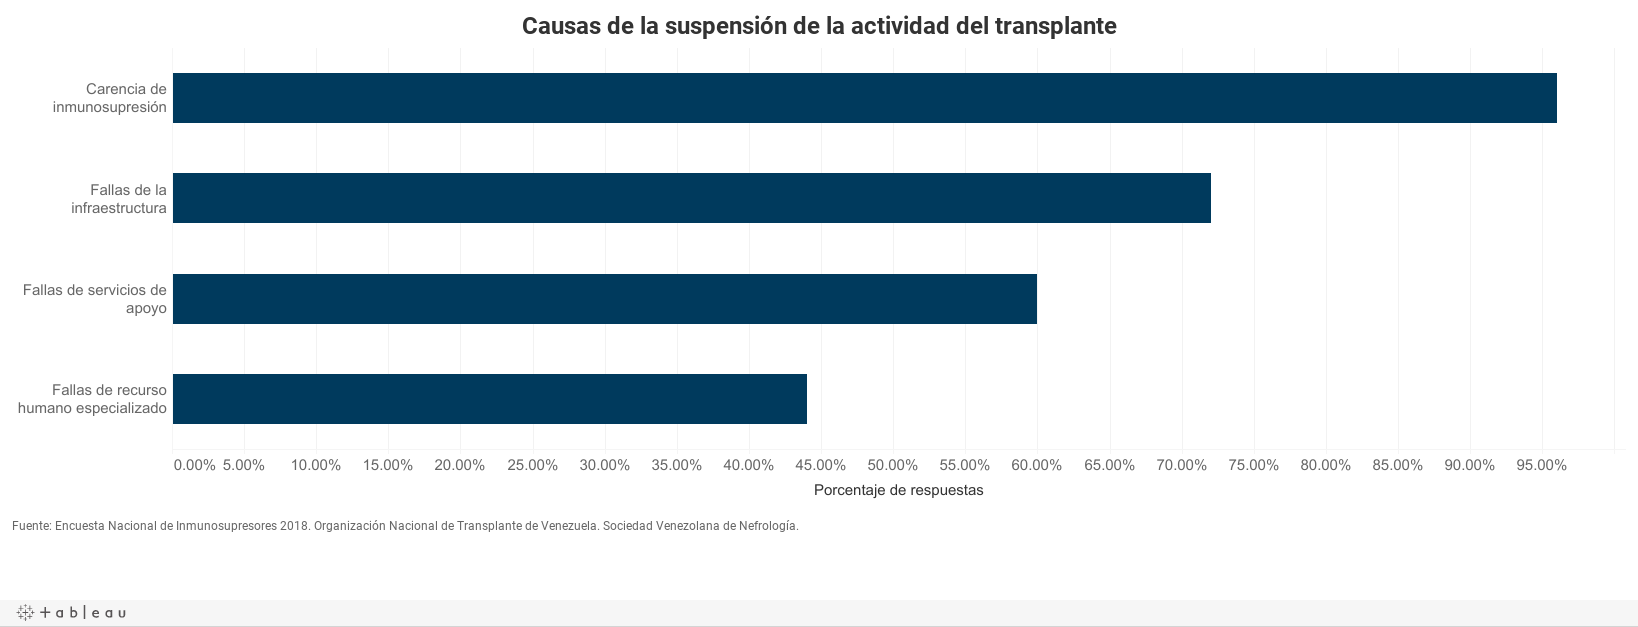 Causas de la suspensión de la actividad de transplantes